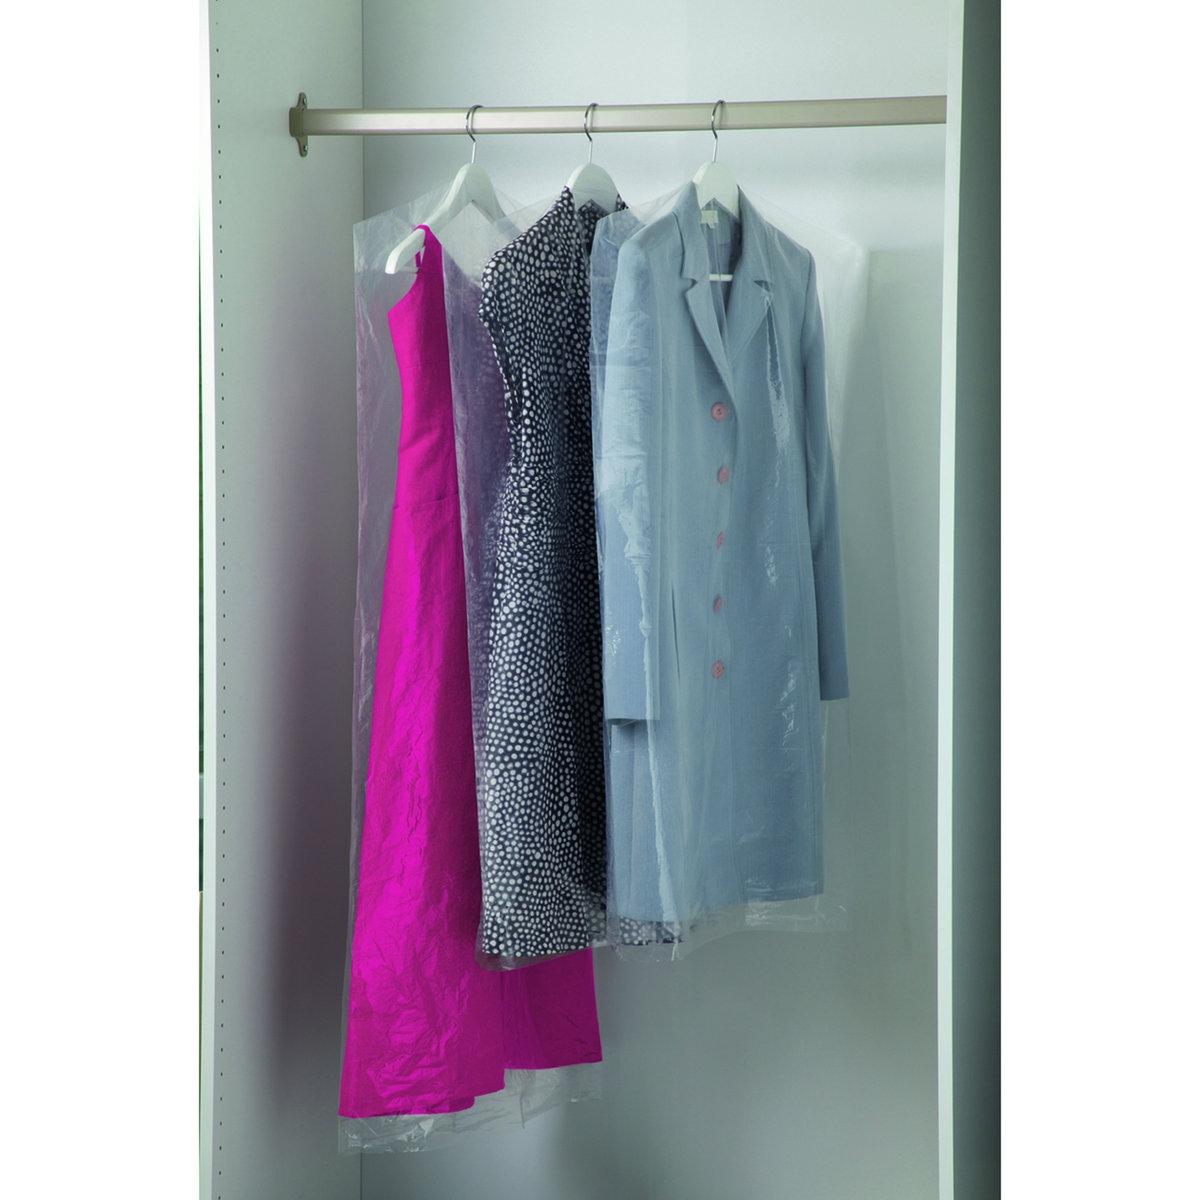 6 чехлов для одеждыХарактеристики 6 защитных чехлов для одежды:выполнены из прозрачного полиэтилена. Прорезь для плечиков длиной 6 см. Застежка в нижней части чехла для легкого натягивания на одежду. Размер 6 защитных чехлов для одежды:2 x Ш. 60 x Д. 135 см, 4 x Ш. 60 x Д. 105 см<br><br>Цвет: бесцветный<br>Размер: единый размер